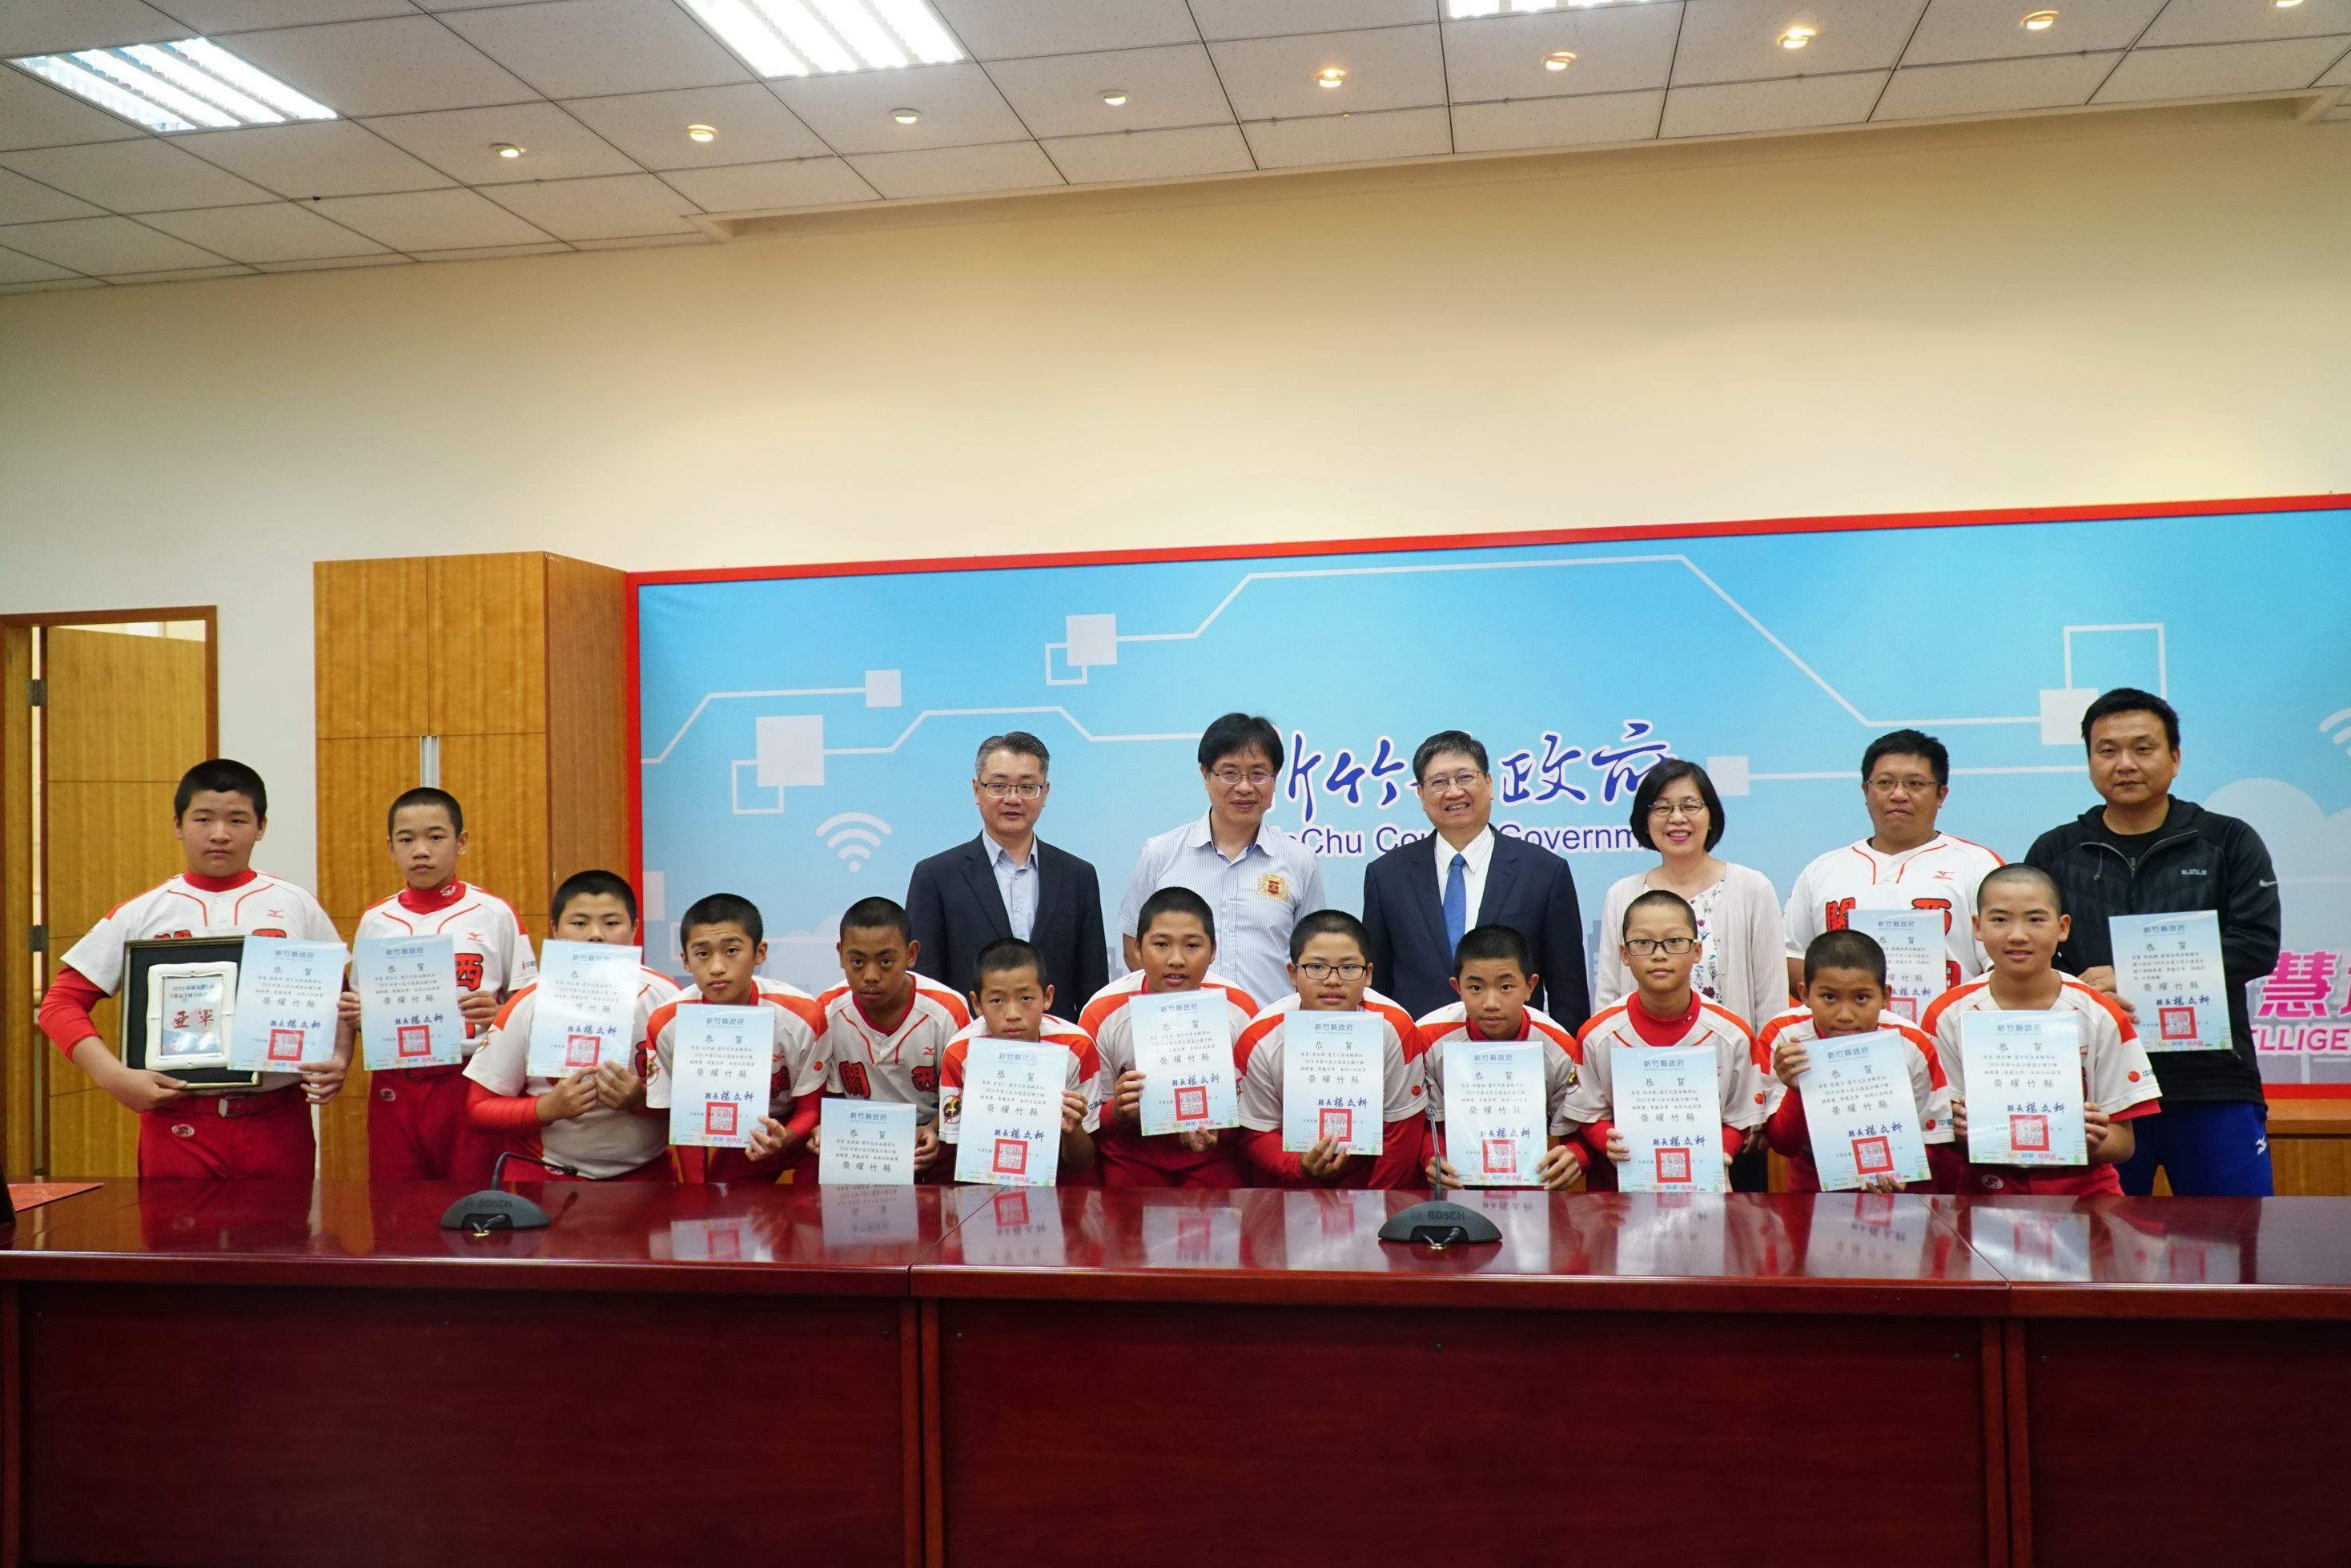 關西國小棒球隊再次打出好成績 榮獲高雄第七屆立德盃少棒錦標賽亞軍